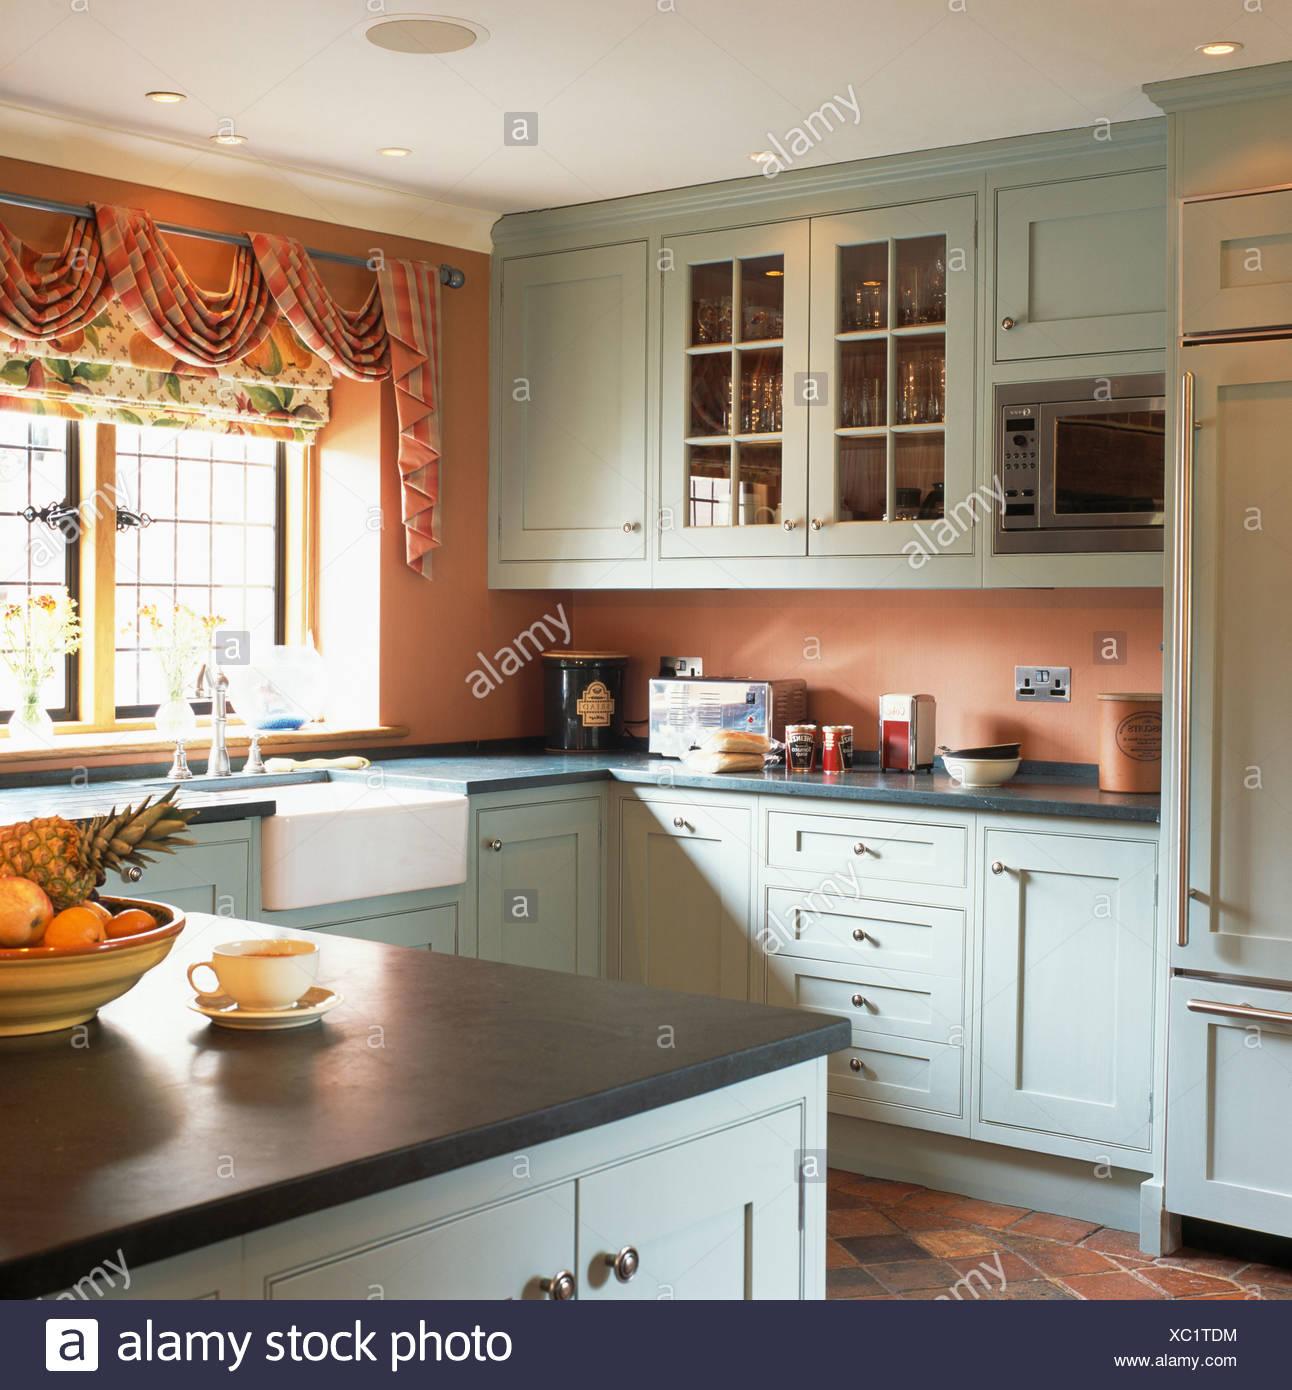 Lujoso Cocina Del País Newport Nh Foto - Ideas de Decoración de ...